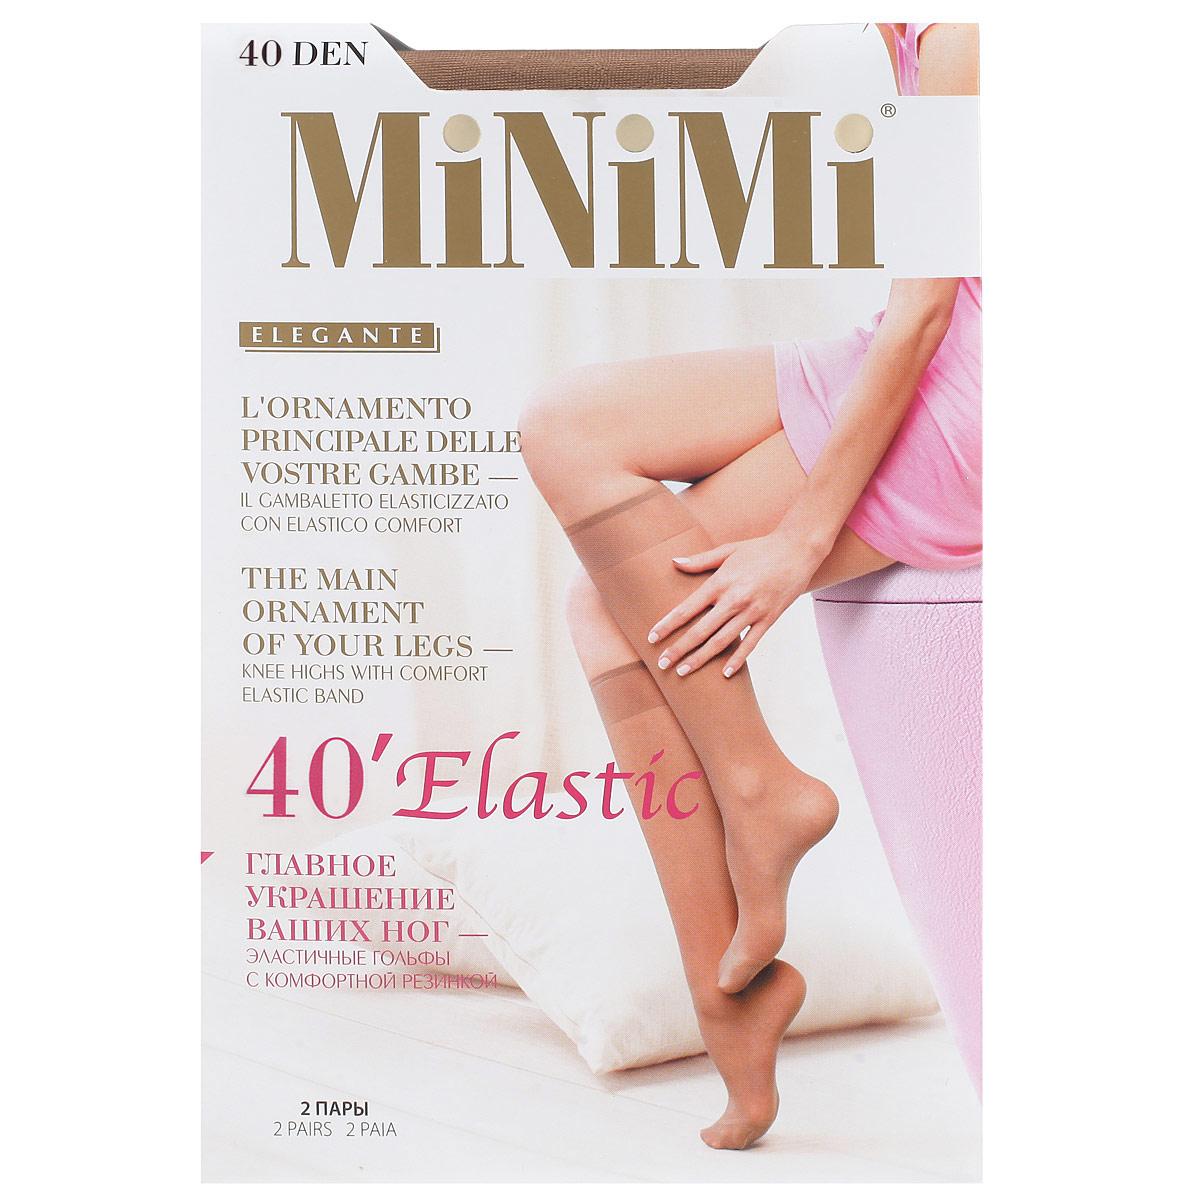 Гольфы Minimi Elastic 40, цвет: коричневый (Daino). Размер универсальныйElastic 40_DainoПлотность: 40 ден.Количество: 2 пары.Эластичные гольфы с резинкой топ комфорт иукрепленным мыском.